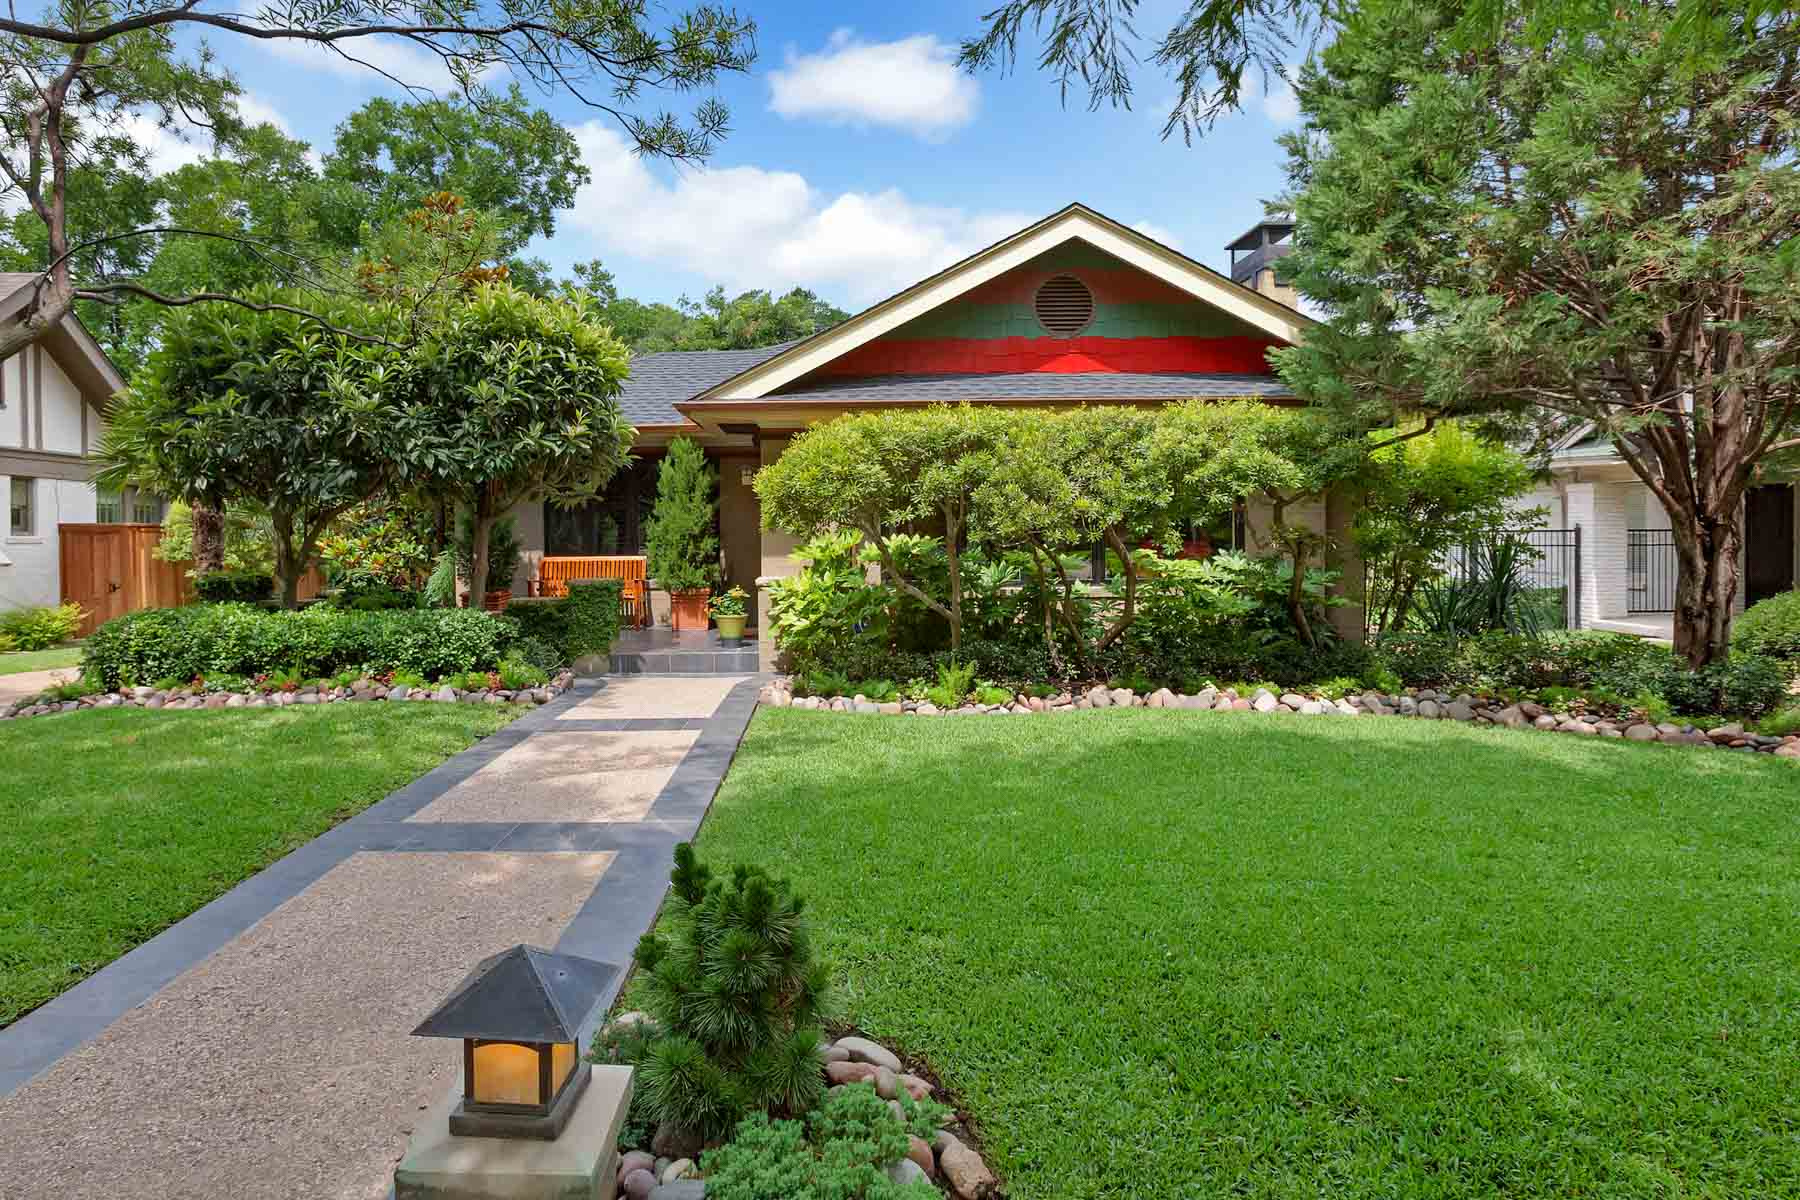 独户住宅 为 销售 在 Extraordinary TCU Bungalow 2542 Greene Avenue 沃斯堡市, 得克萨斯州, 76109 美国